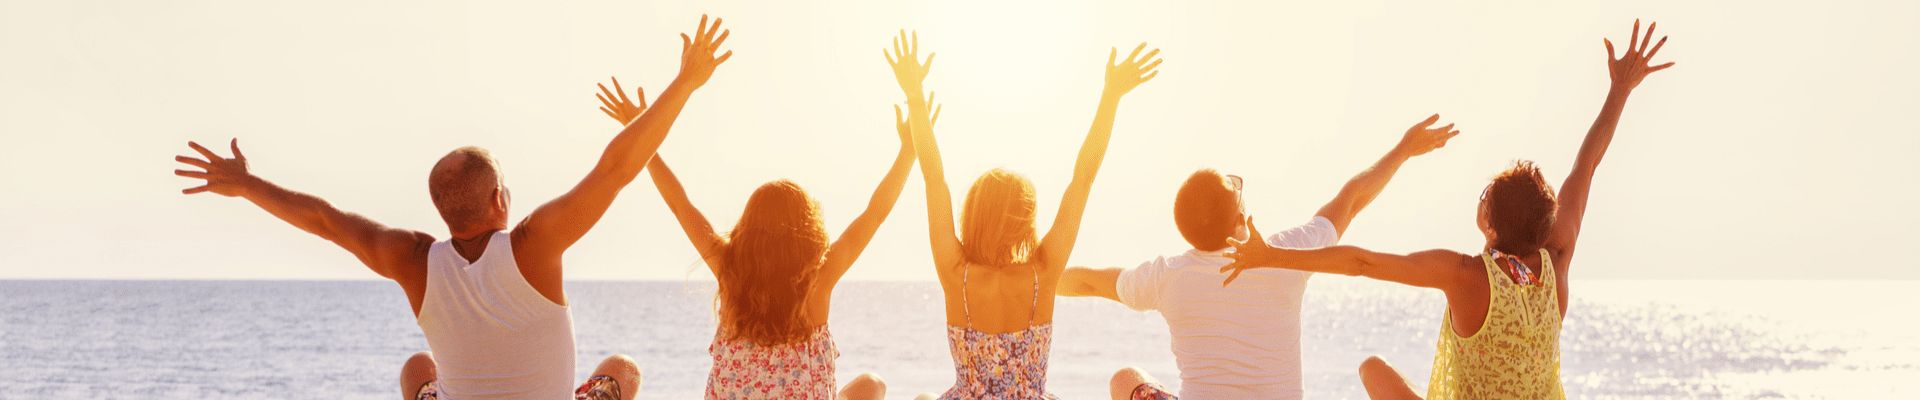 Reise- und Urlaubs-Deals